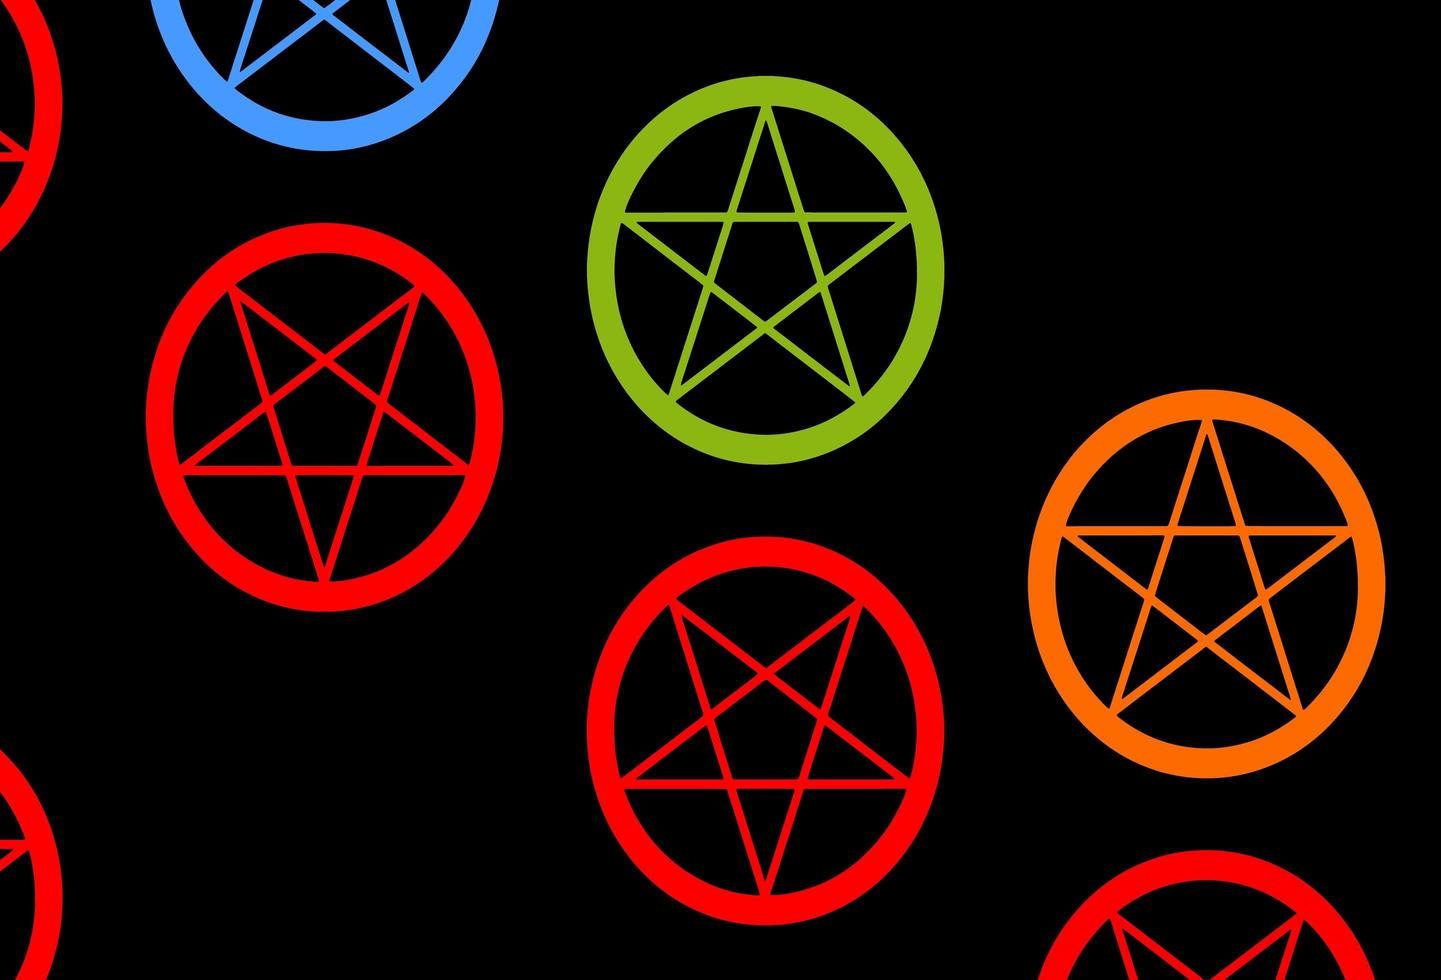 sfondo vettoriale multicolore scuro con simboli occulti.